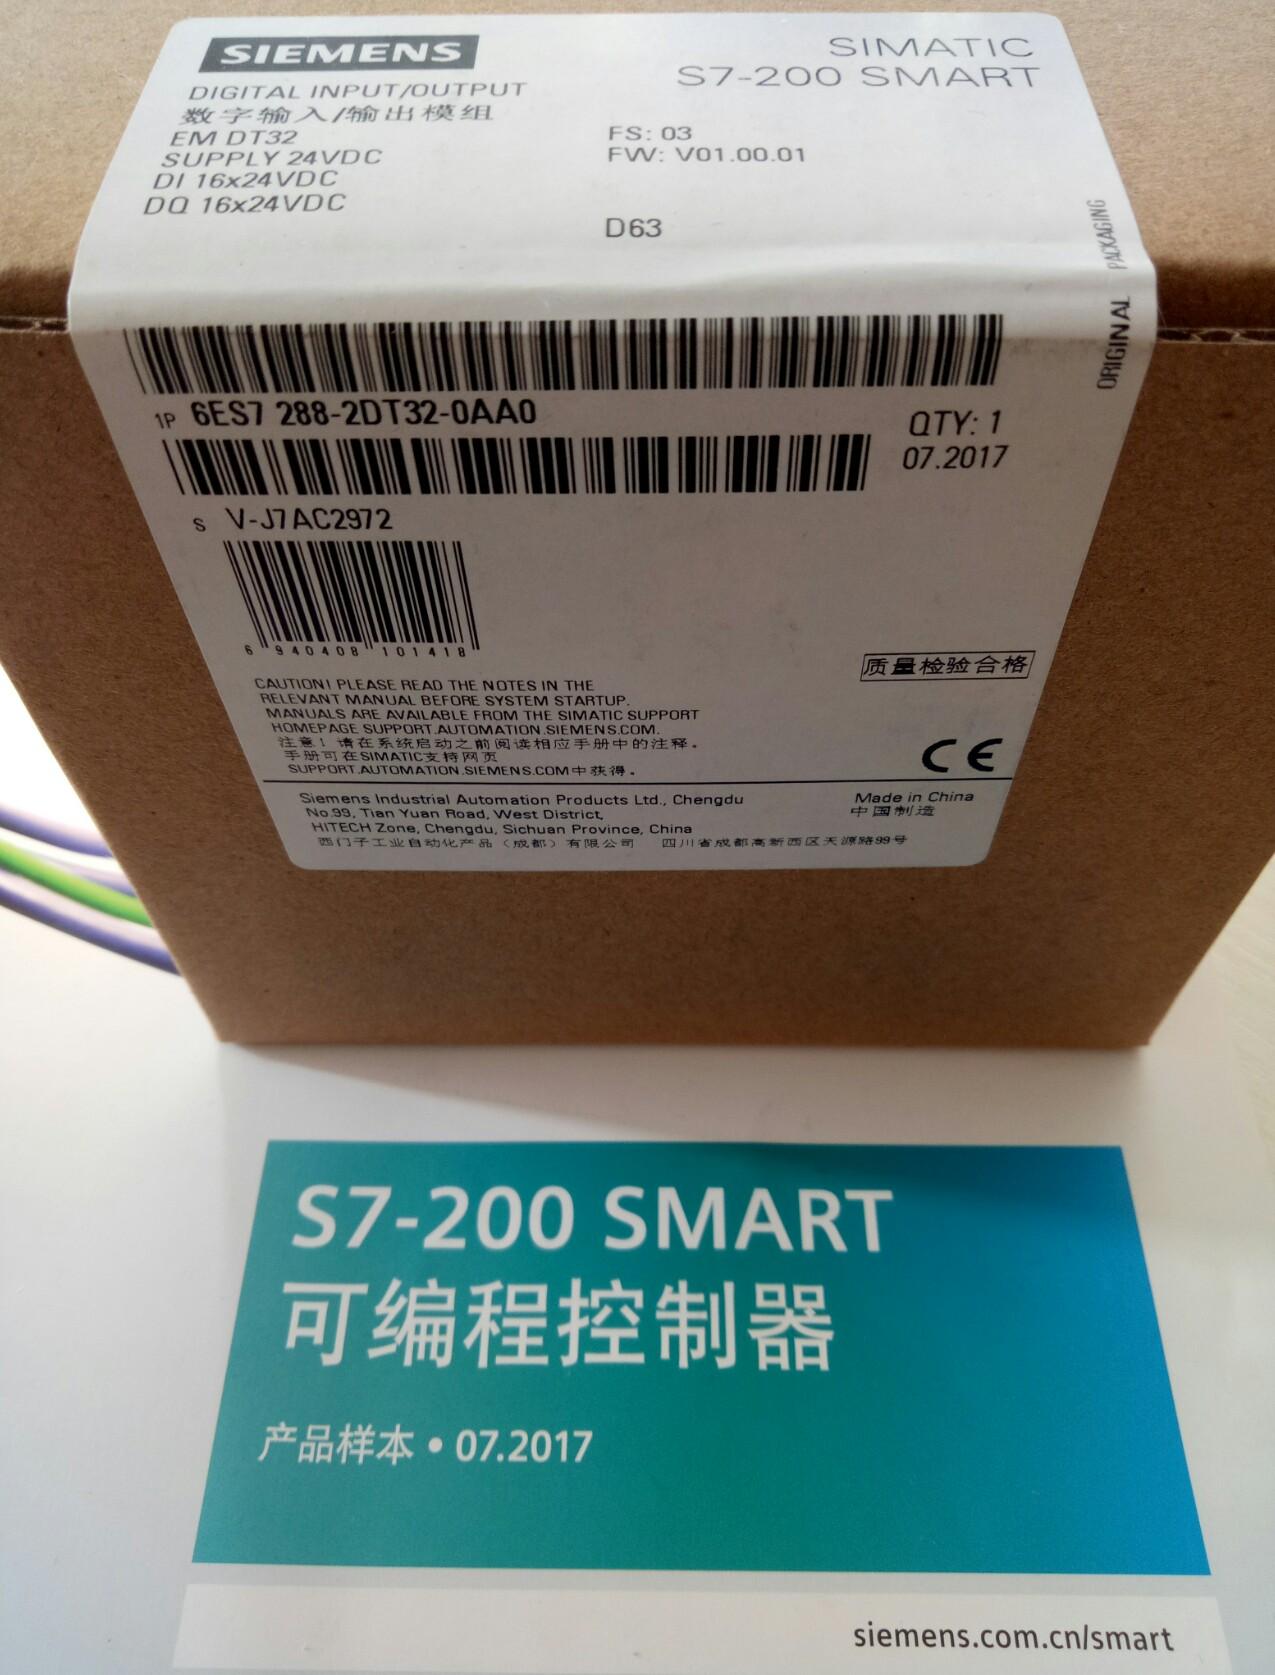 江苏西门子 6ES7288-1ST30-0AA0 S7-200 SMART技术支持